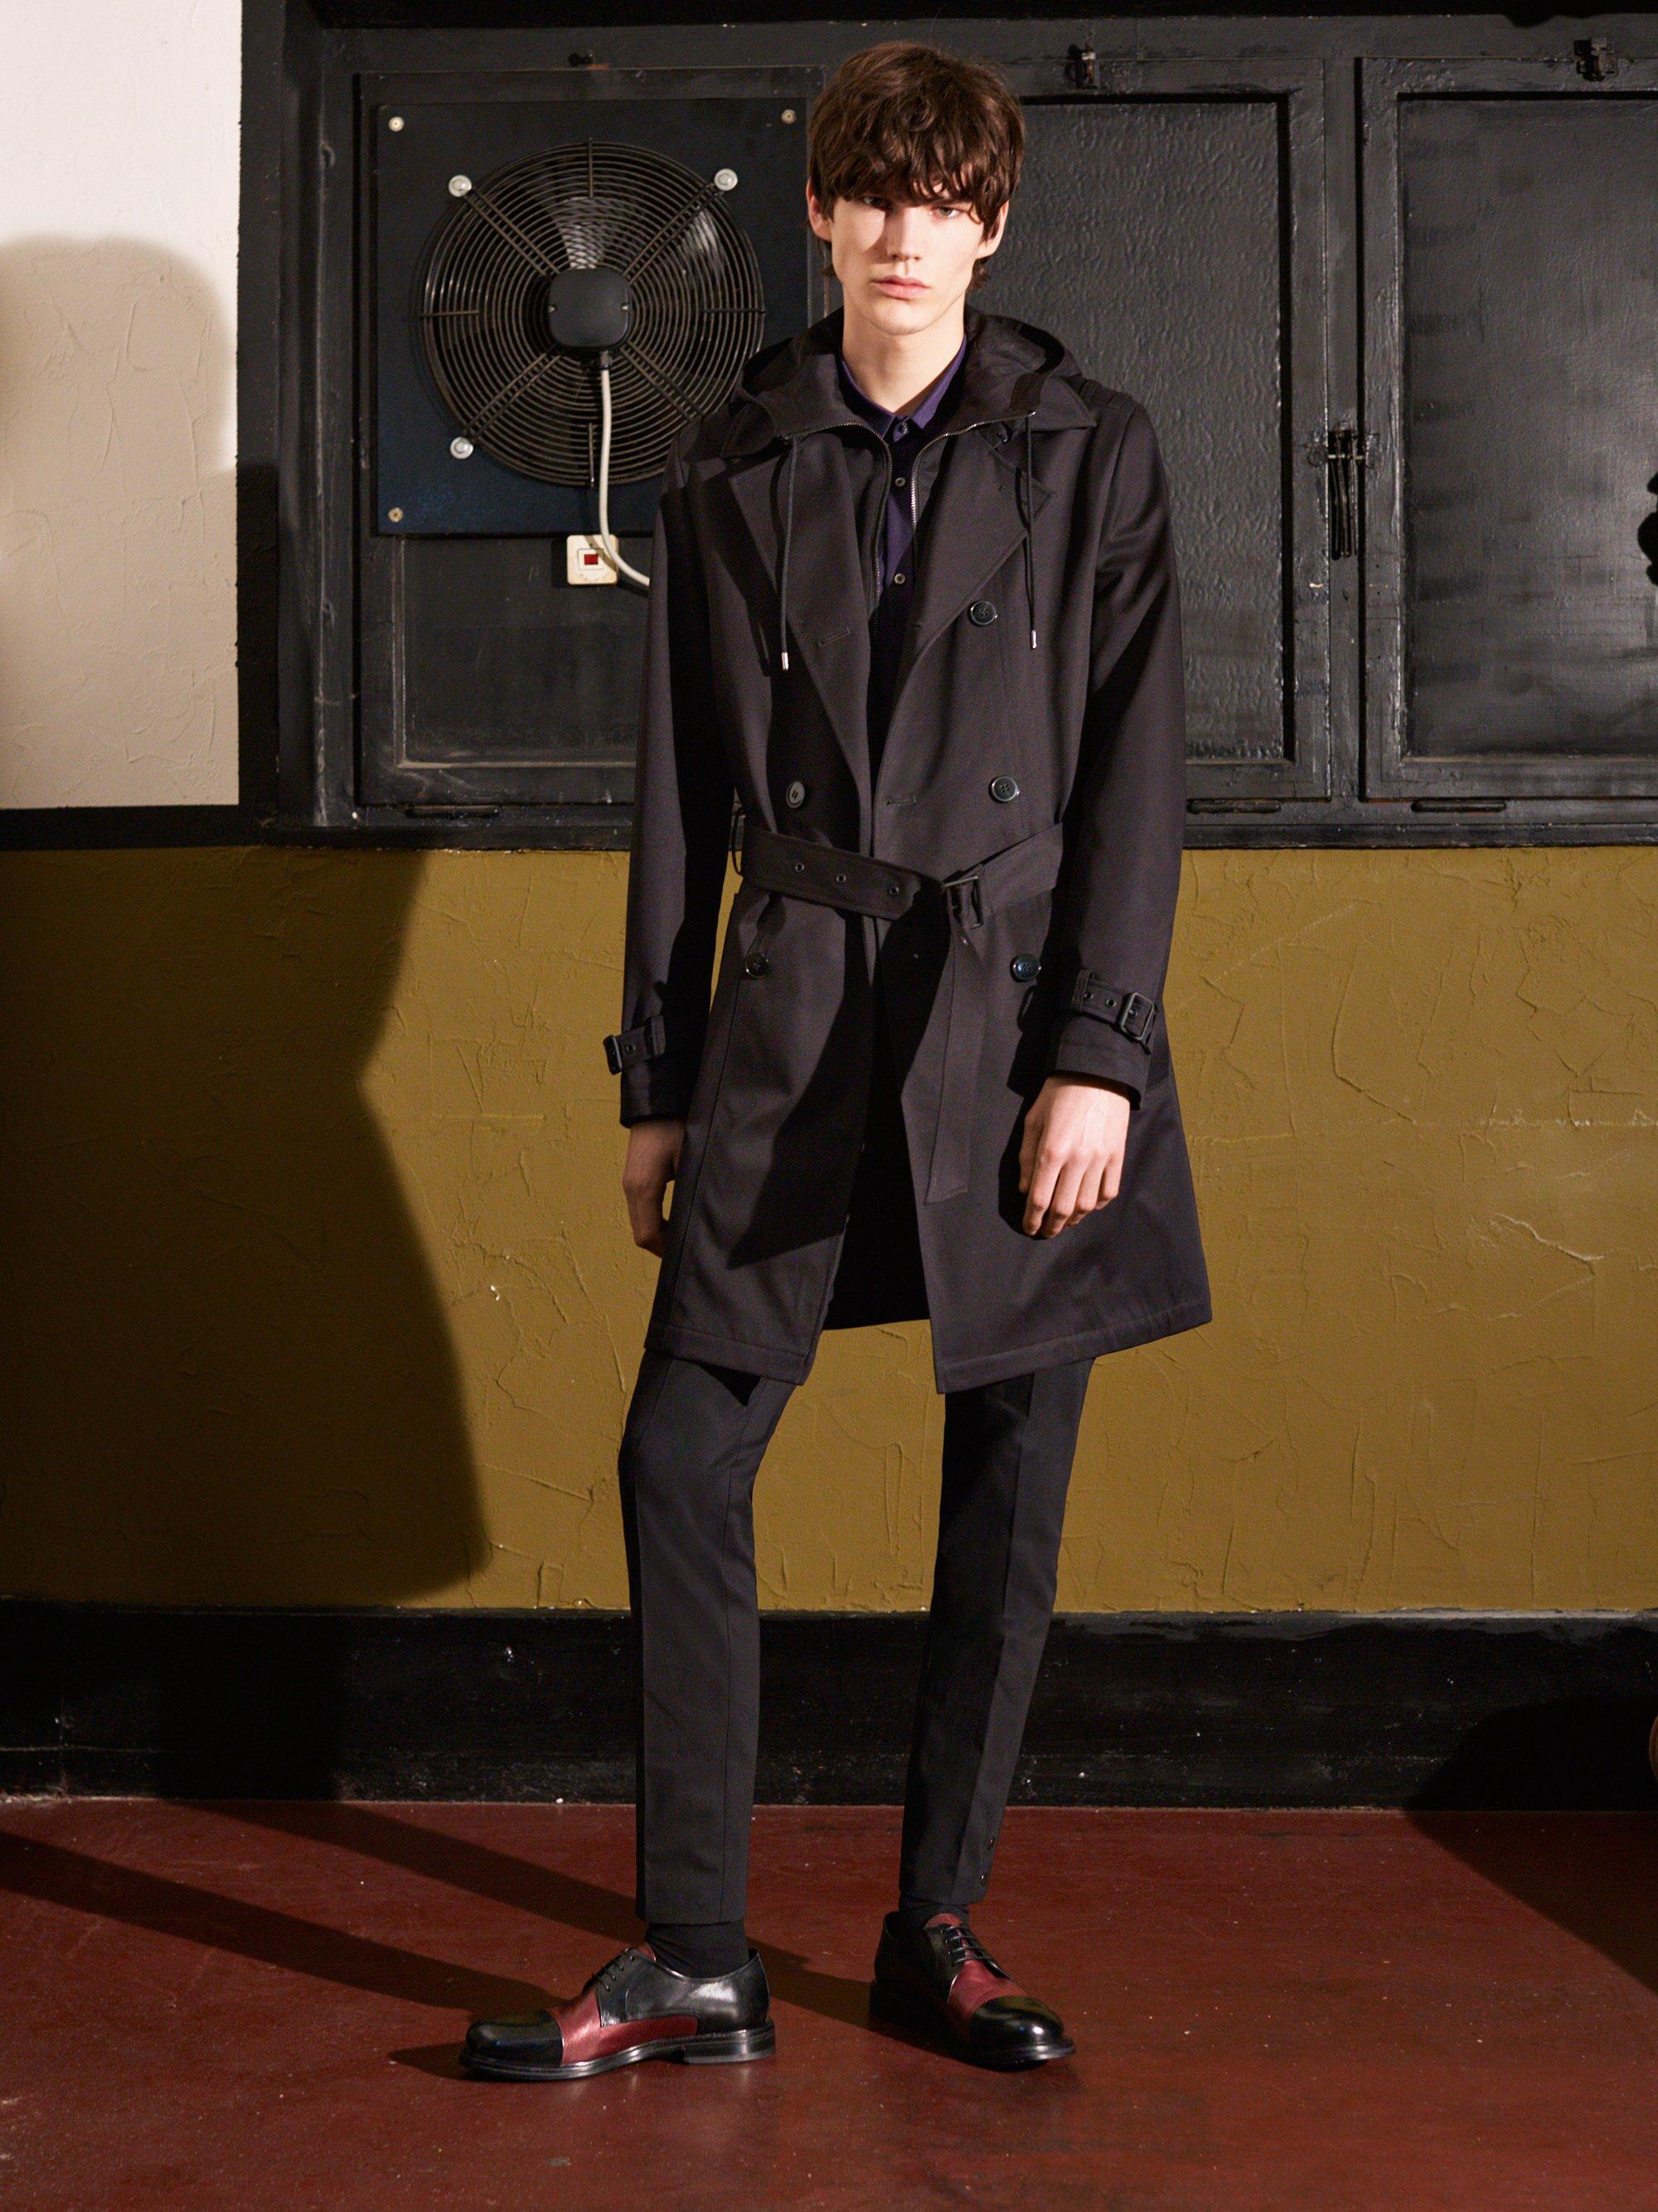 Zwarte trenchcoat, broek en schoenen van HUGO